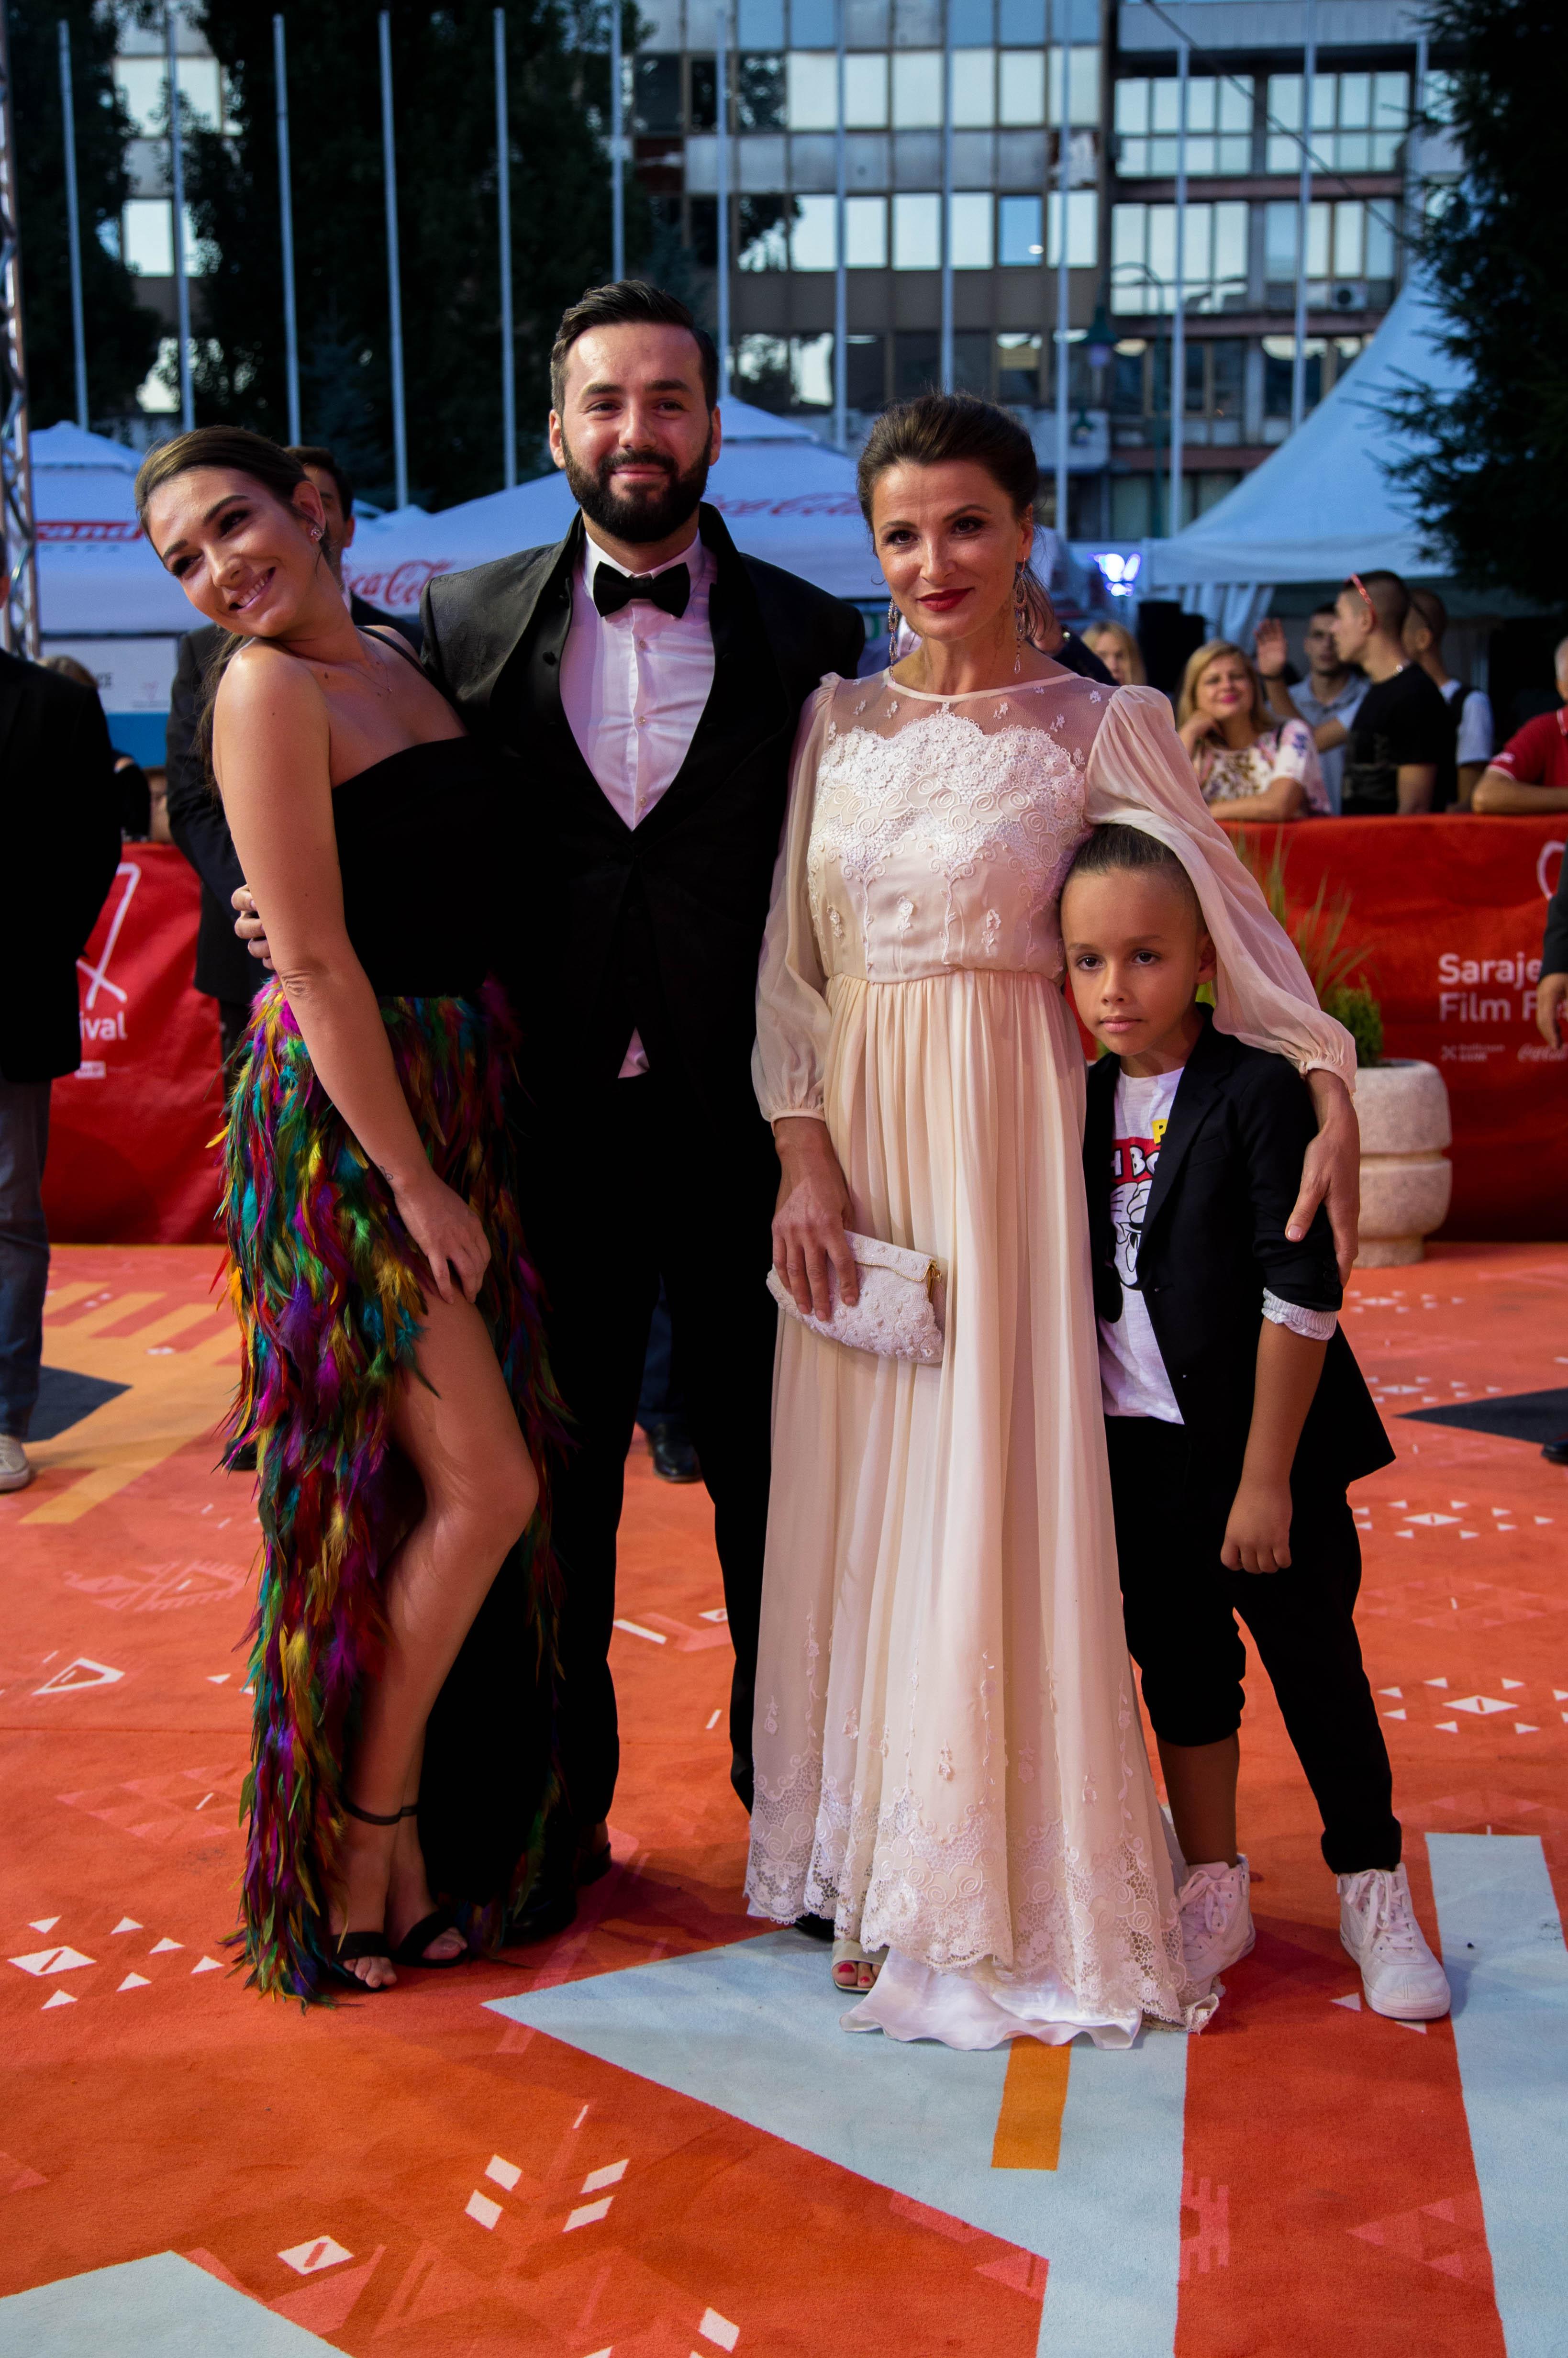 cetvrta noc sarajevo film festival senka catic (30)